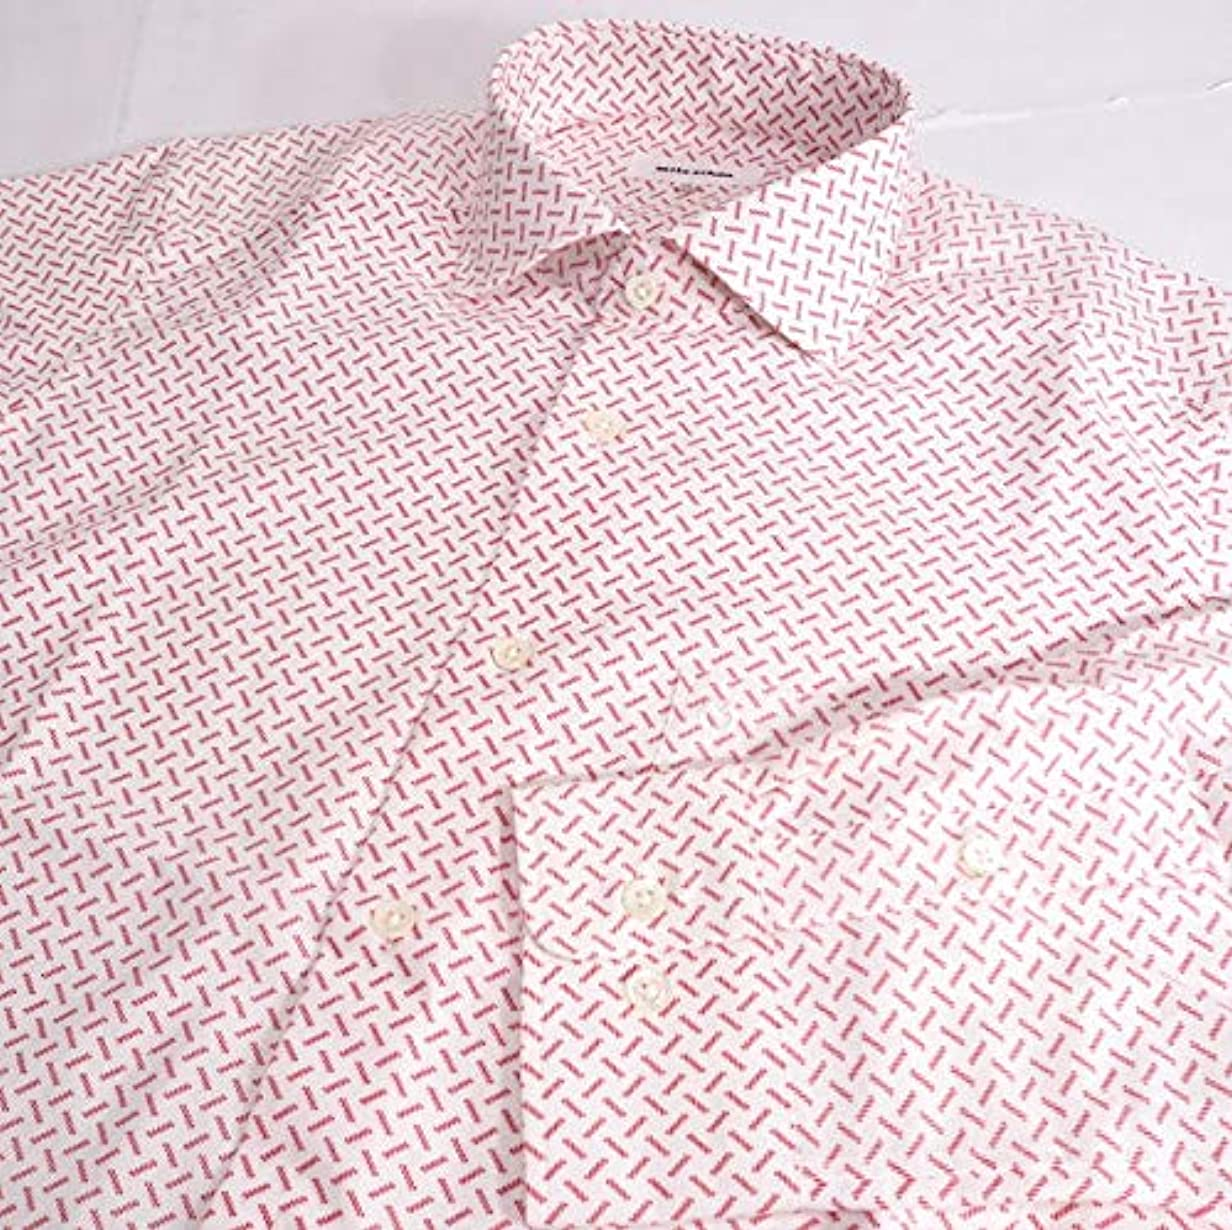 どこにでもグラディスクロール40731 秋冬春 日本製 ワイドカラーシャツ 総柄 ホワイト(白) サイズ 46(M) mila schon ミラショーン 紳士服 メンズ 男性用